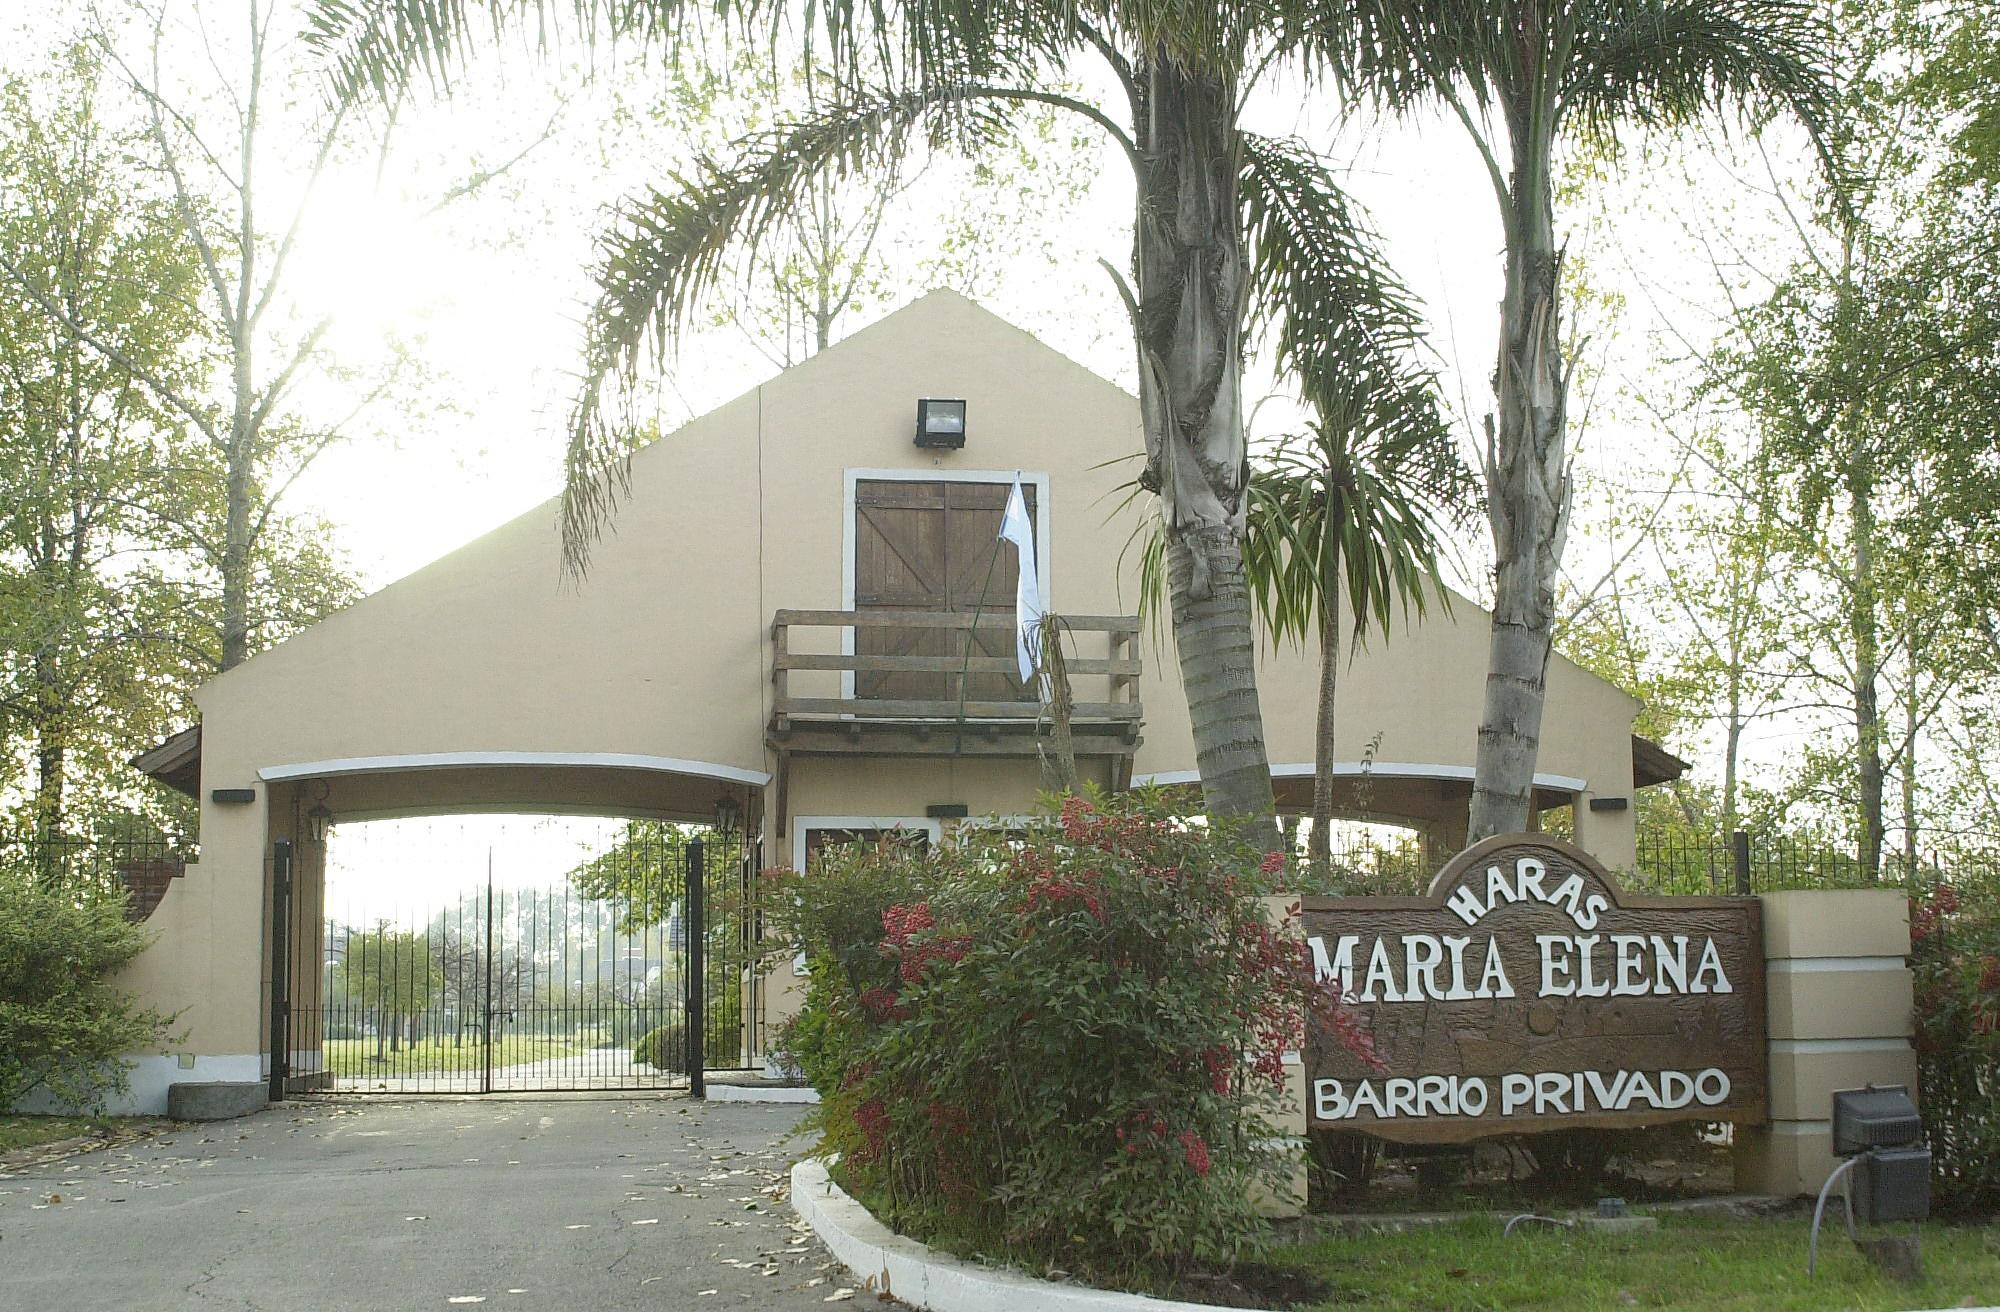 Pórtico de Entrada Haras Maria Elena